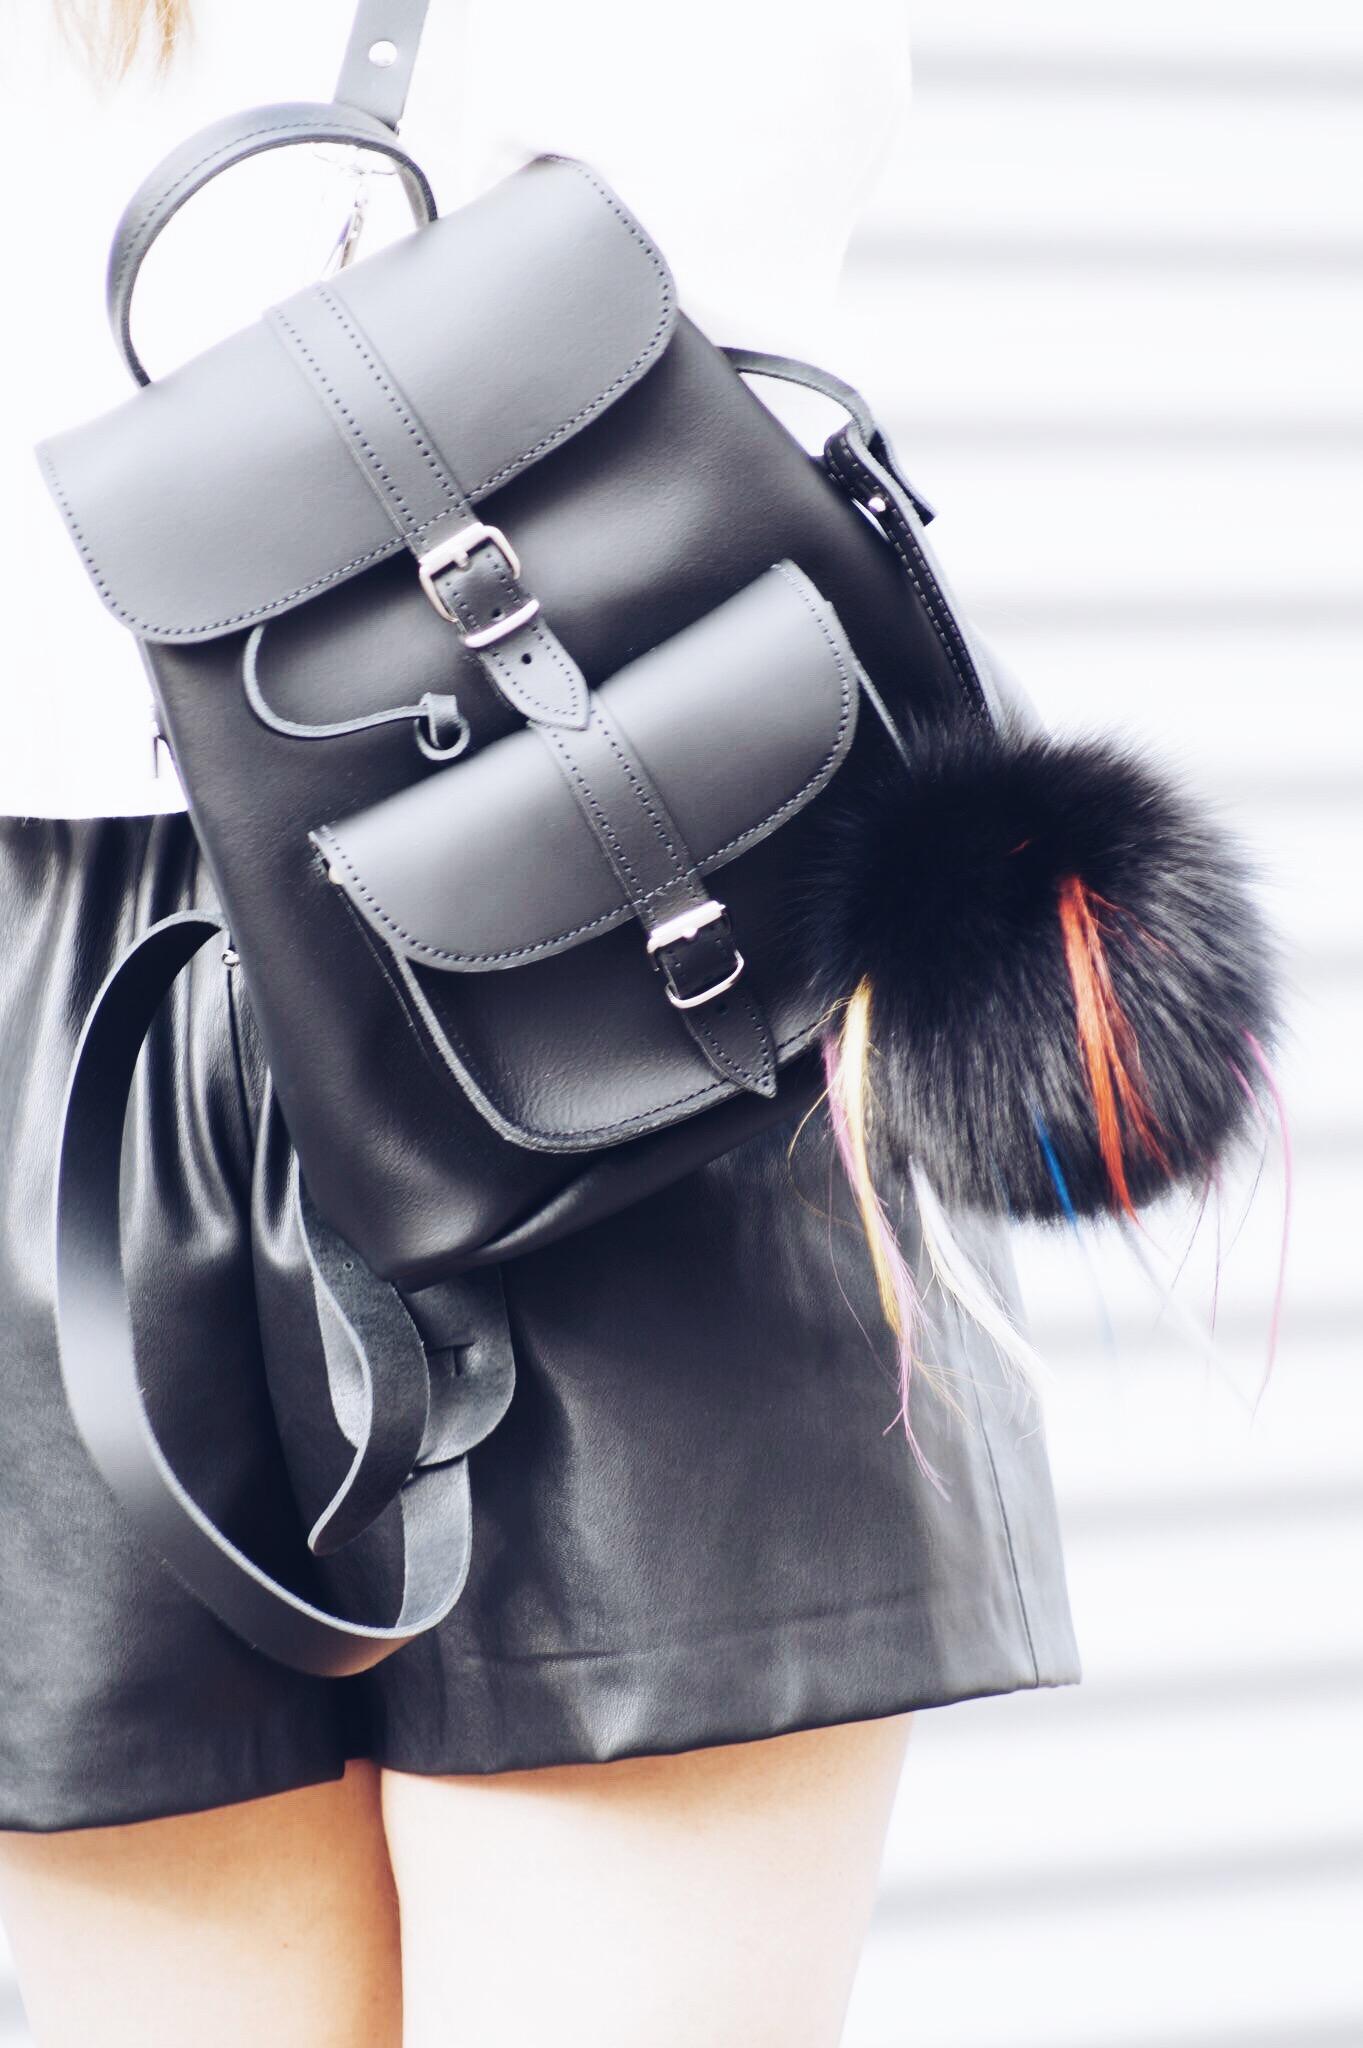 allthatchoices Ledershorts off shoulder zara bluse bronde daniel wellington mules grafea rucksack